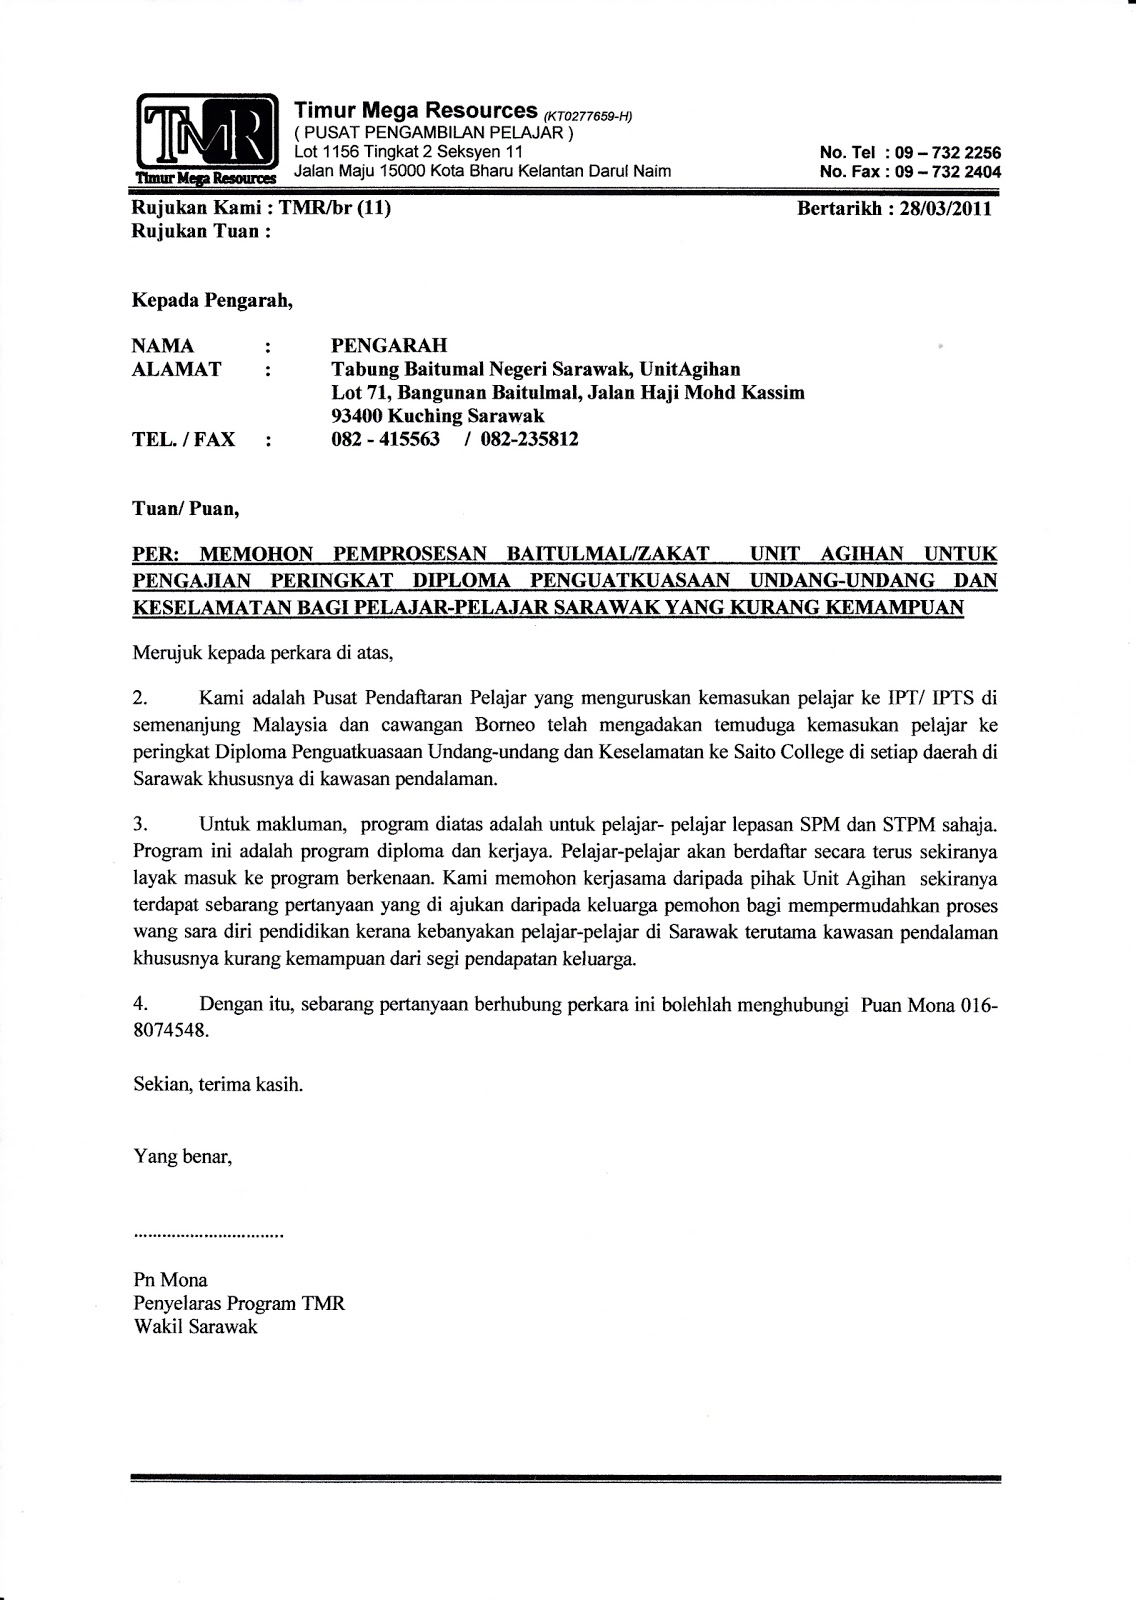 Contoh Surat Permohonan Bantuan Kewangan Sekolah J Kosong W